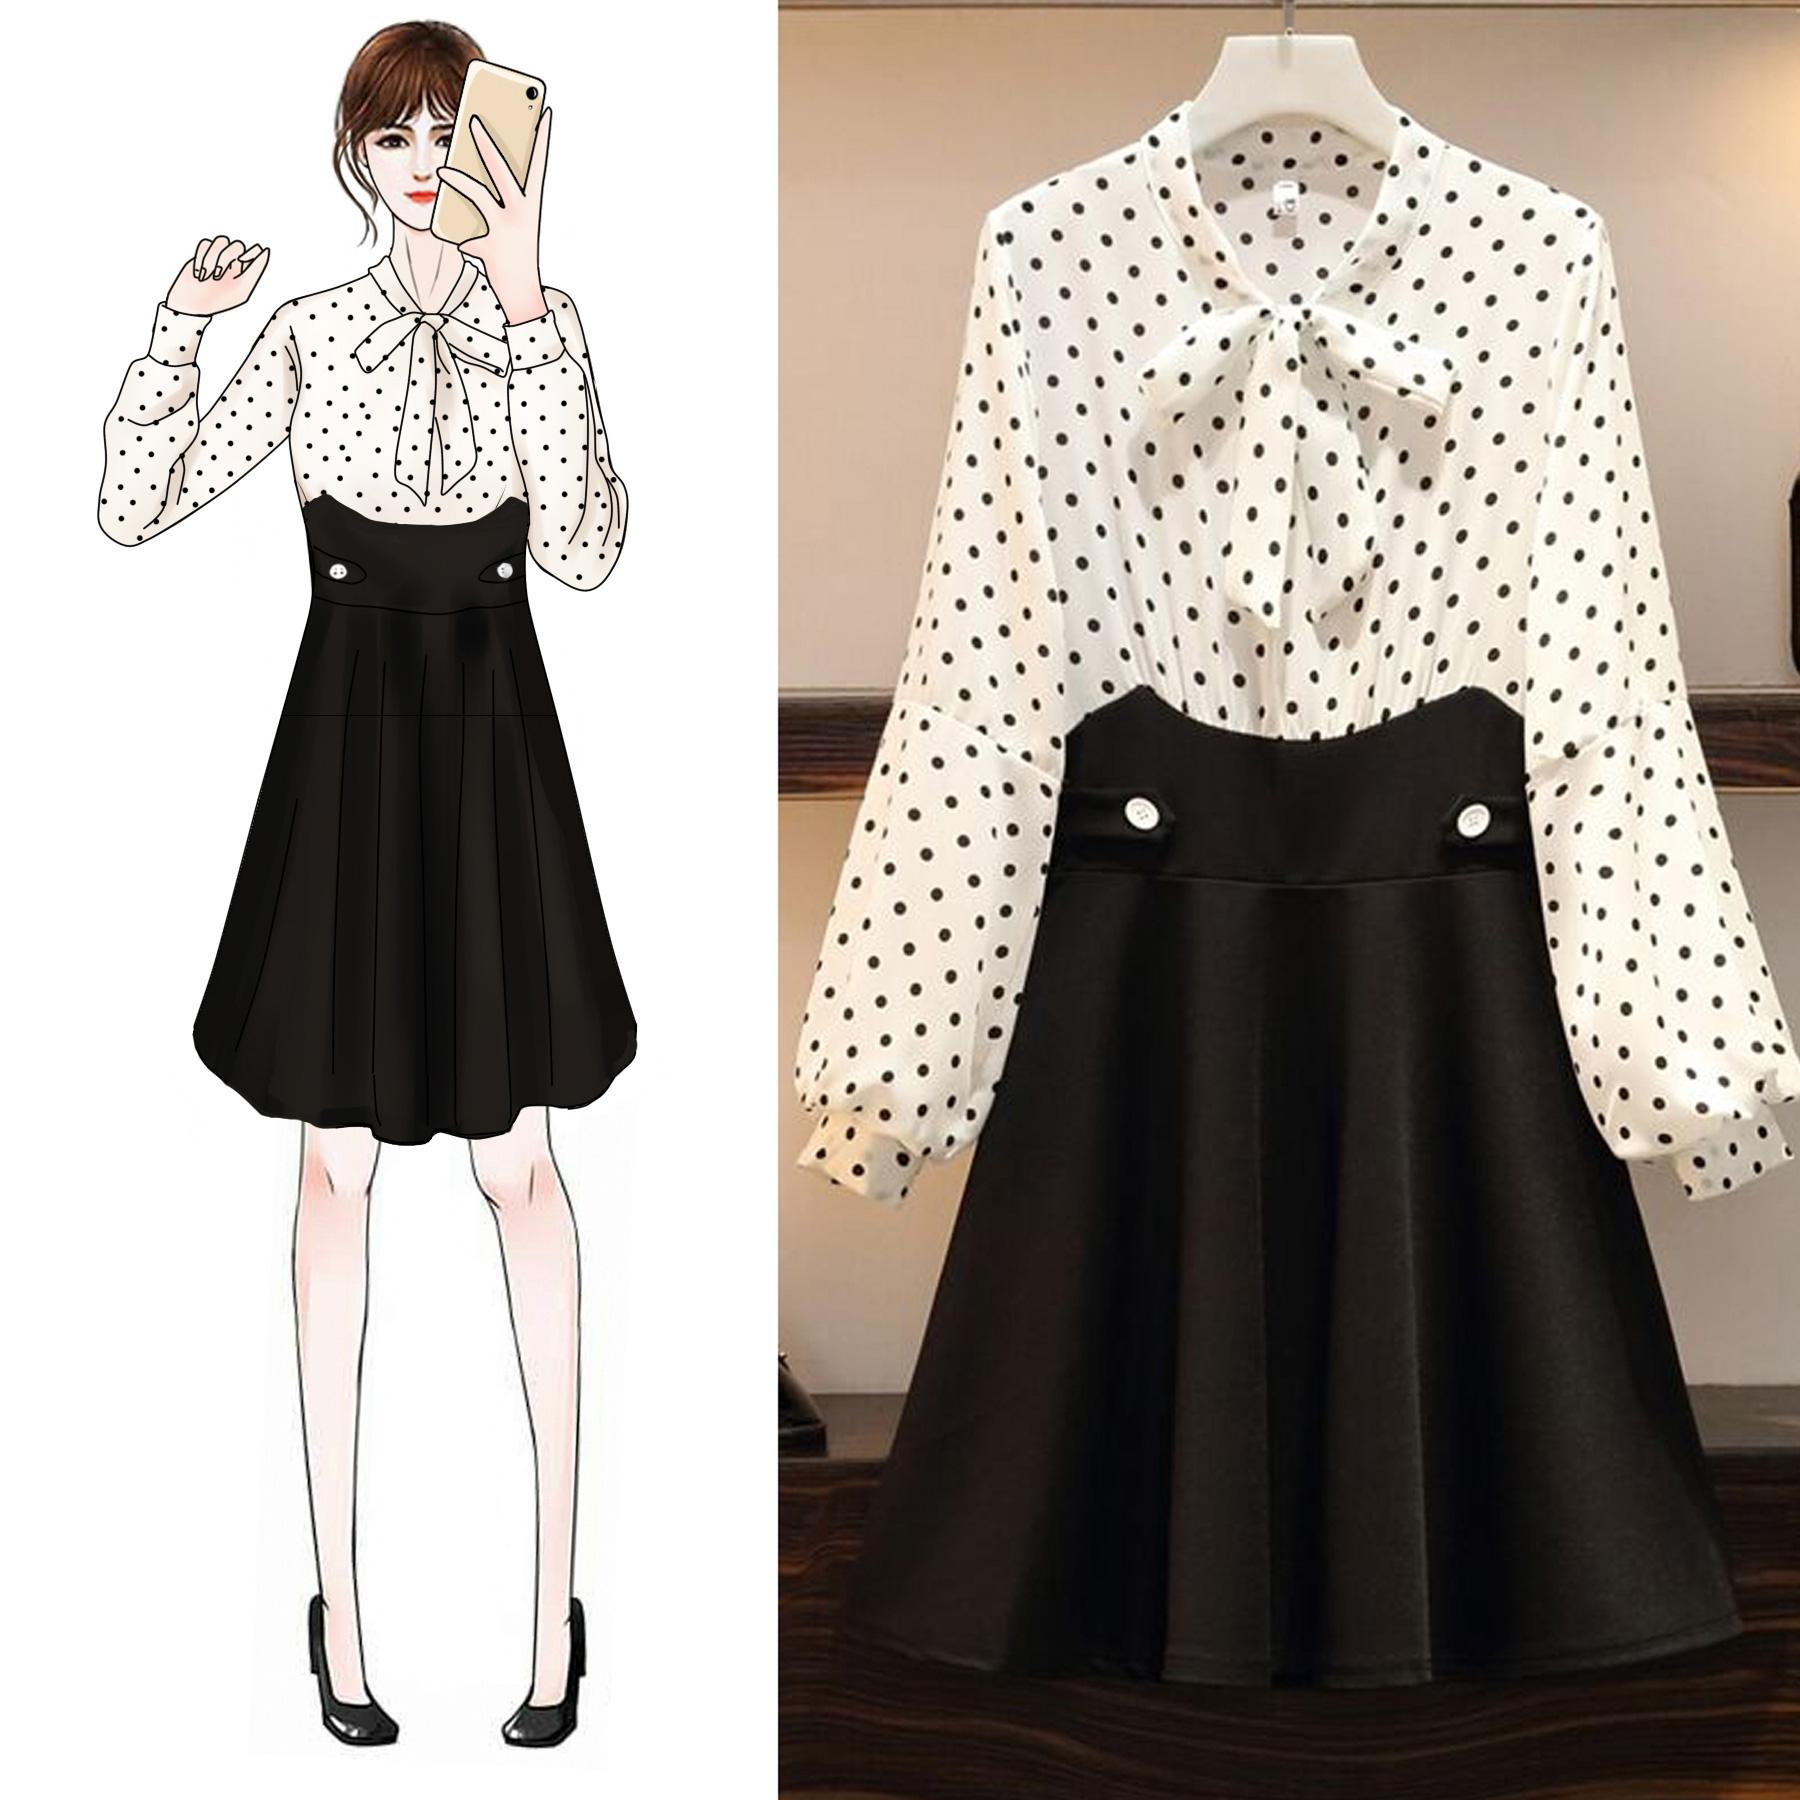 大码女装秋装新款胖mm气质连衣裙满188.00元可用80元优惠券